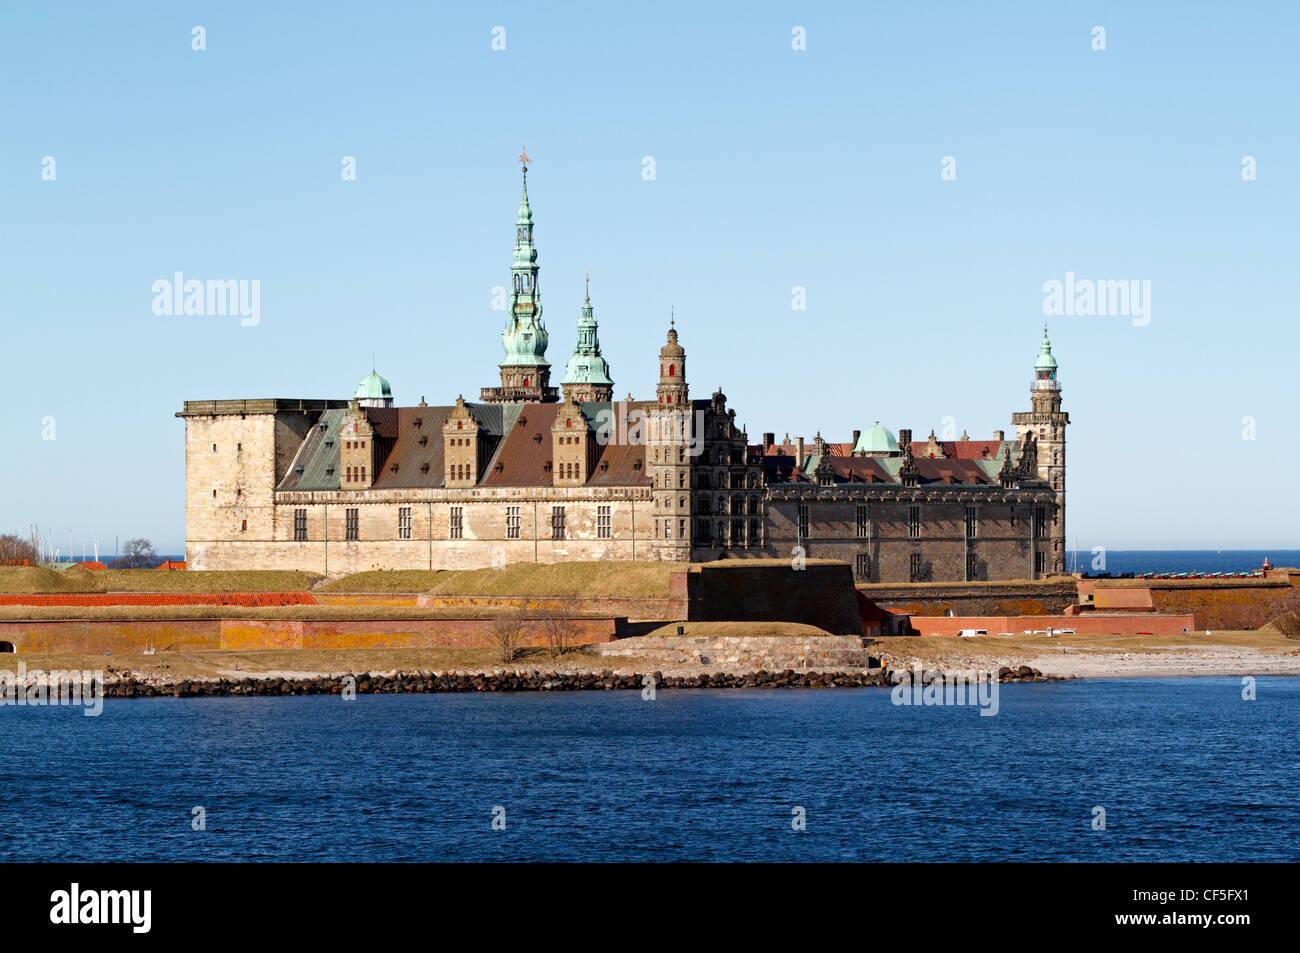 El castillo Kronborg renacentista holandés en Elsinore, Dinamarca, visto desde el Oresund, el sonido, en un soleado día de primavera. Foto de stock